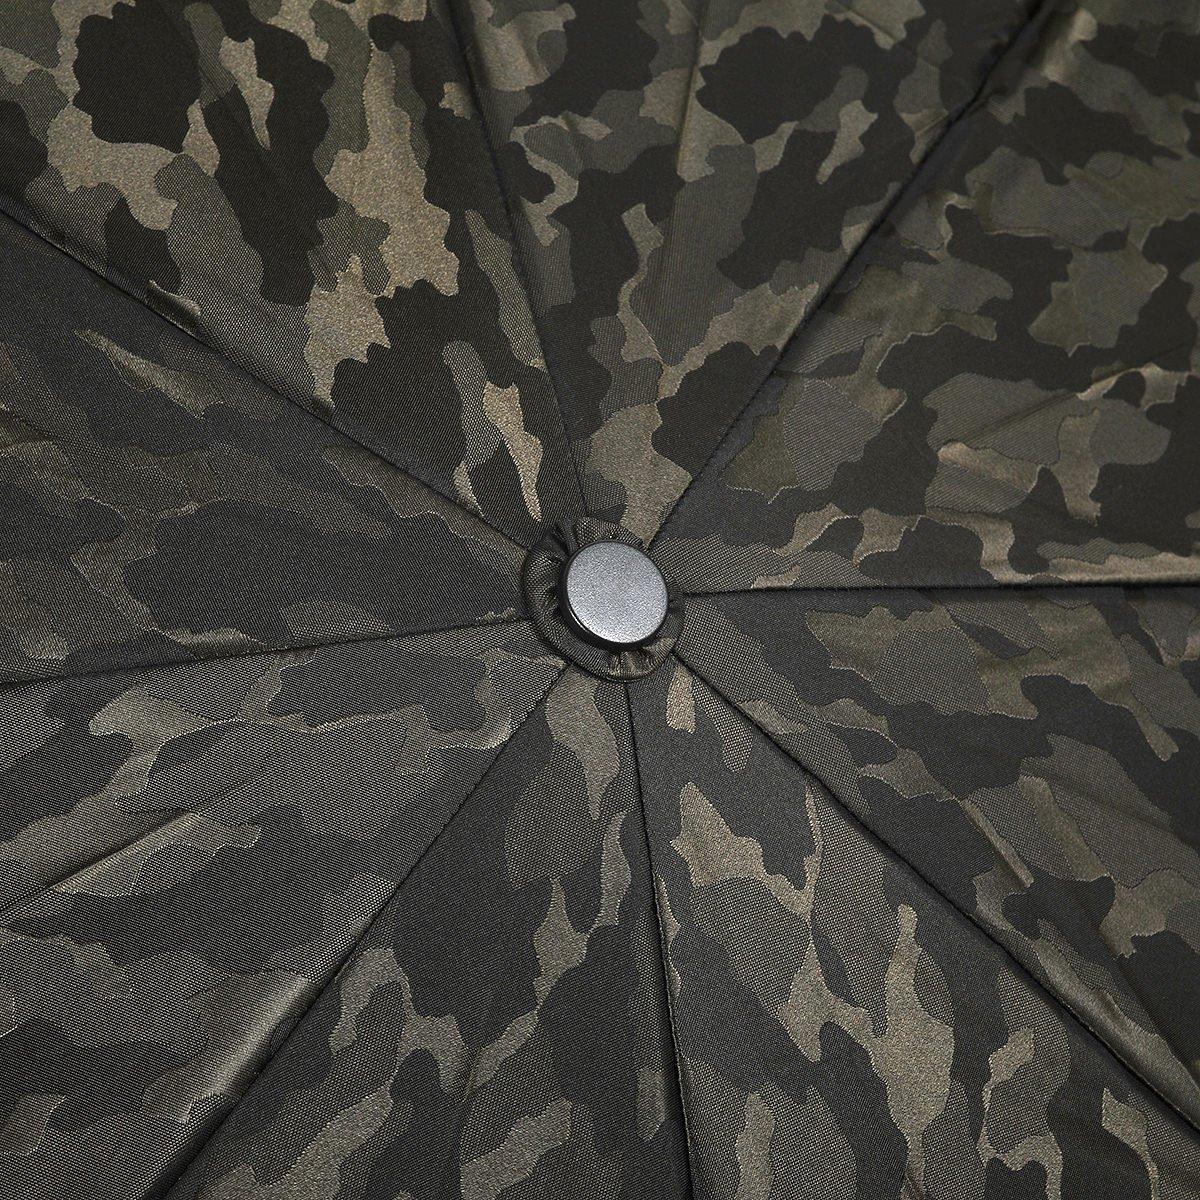 自動開閉 カモフラージュ 折りたたみ傘 詳細画像5